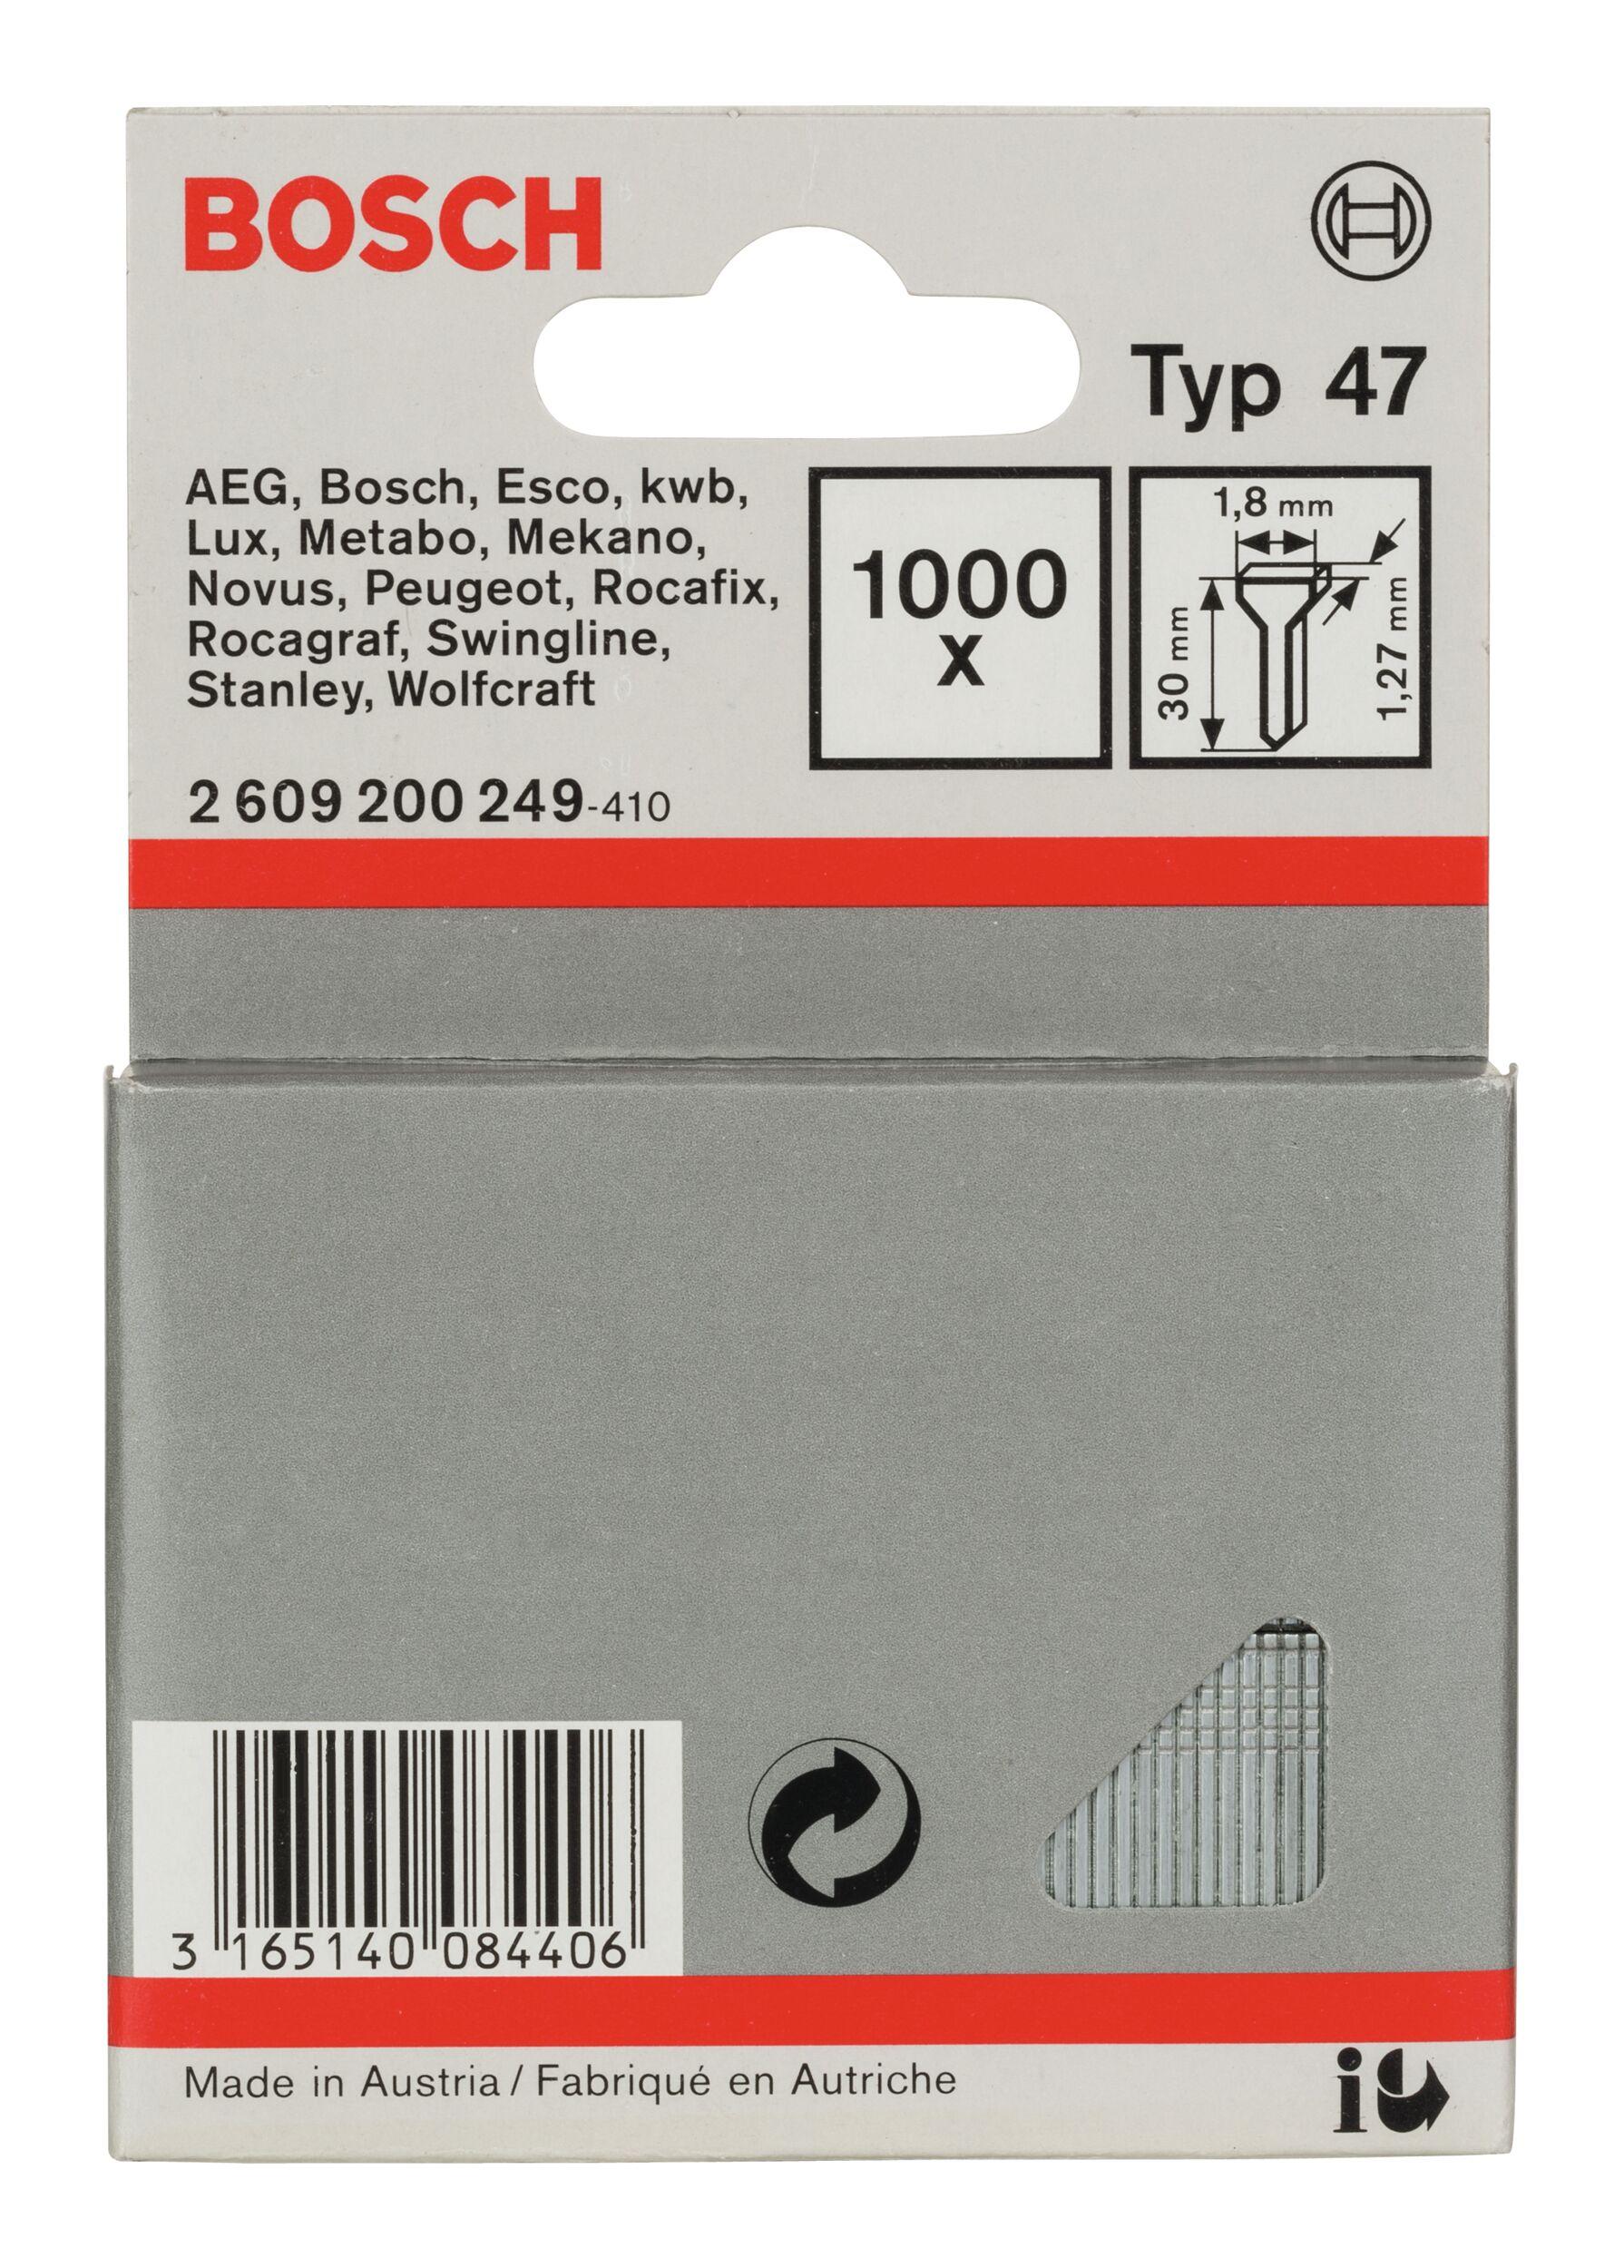 Bosch Zubehör Typ 47 Tackernagel - 1,27 x 30 x 1,8 mm -... 2609200249 (1.000 Stück)